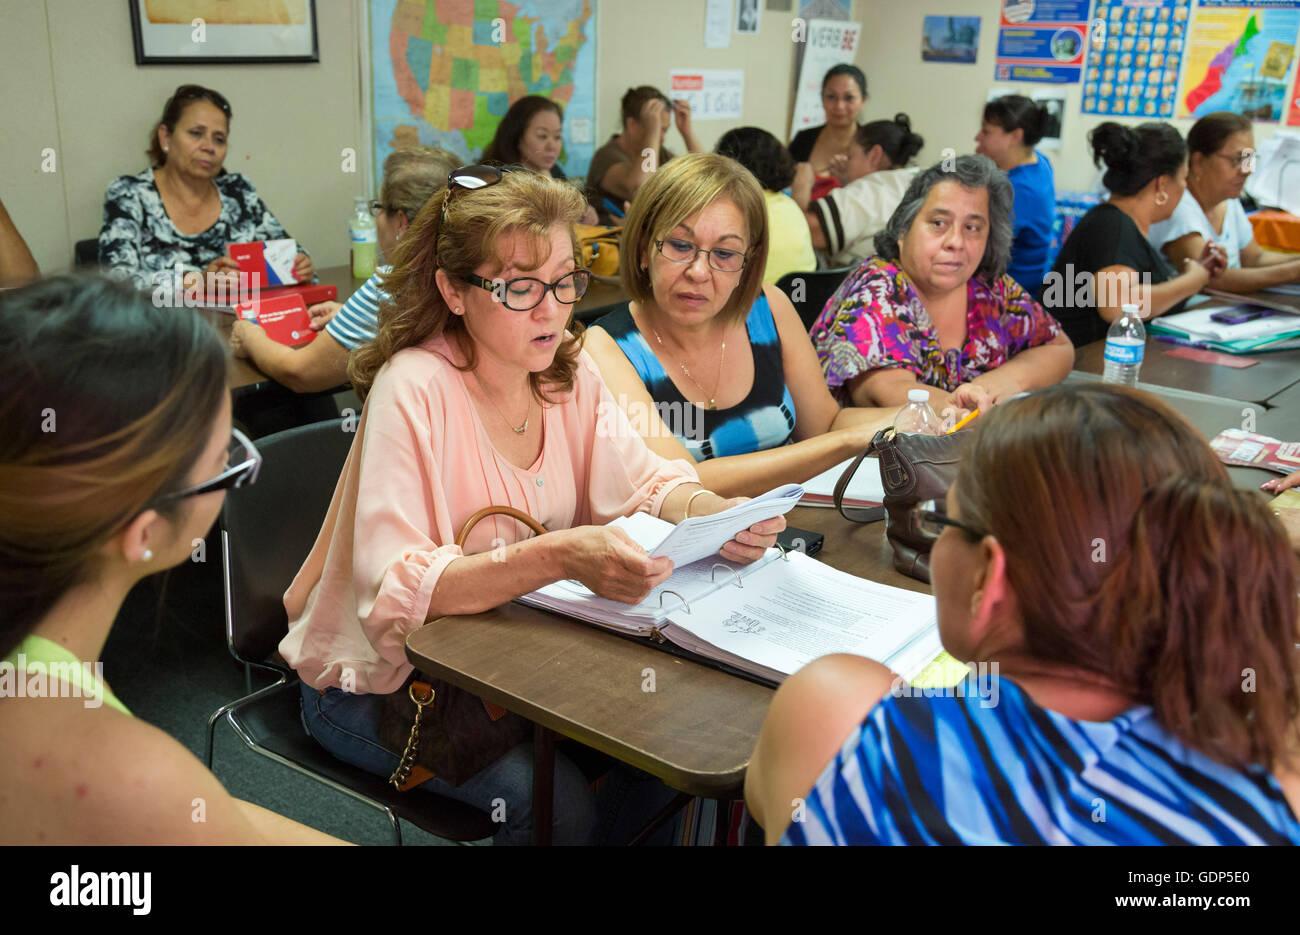 Las Vegas, Nevada - El estudio de los inmigrantes para el examen de ciudadanía de los Estados Unidos. Foto de stock